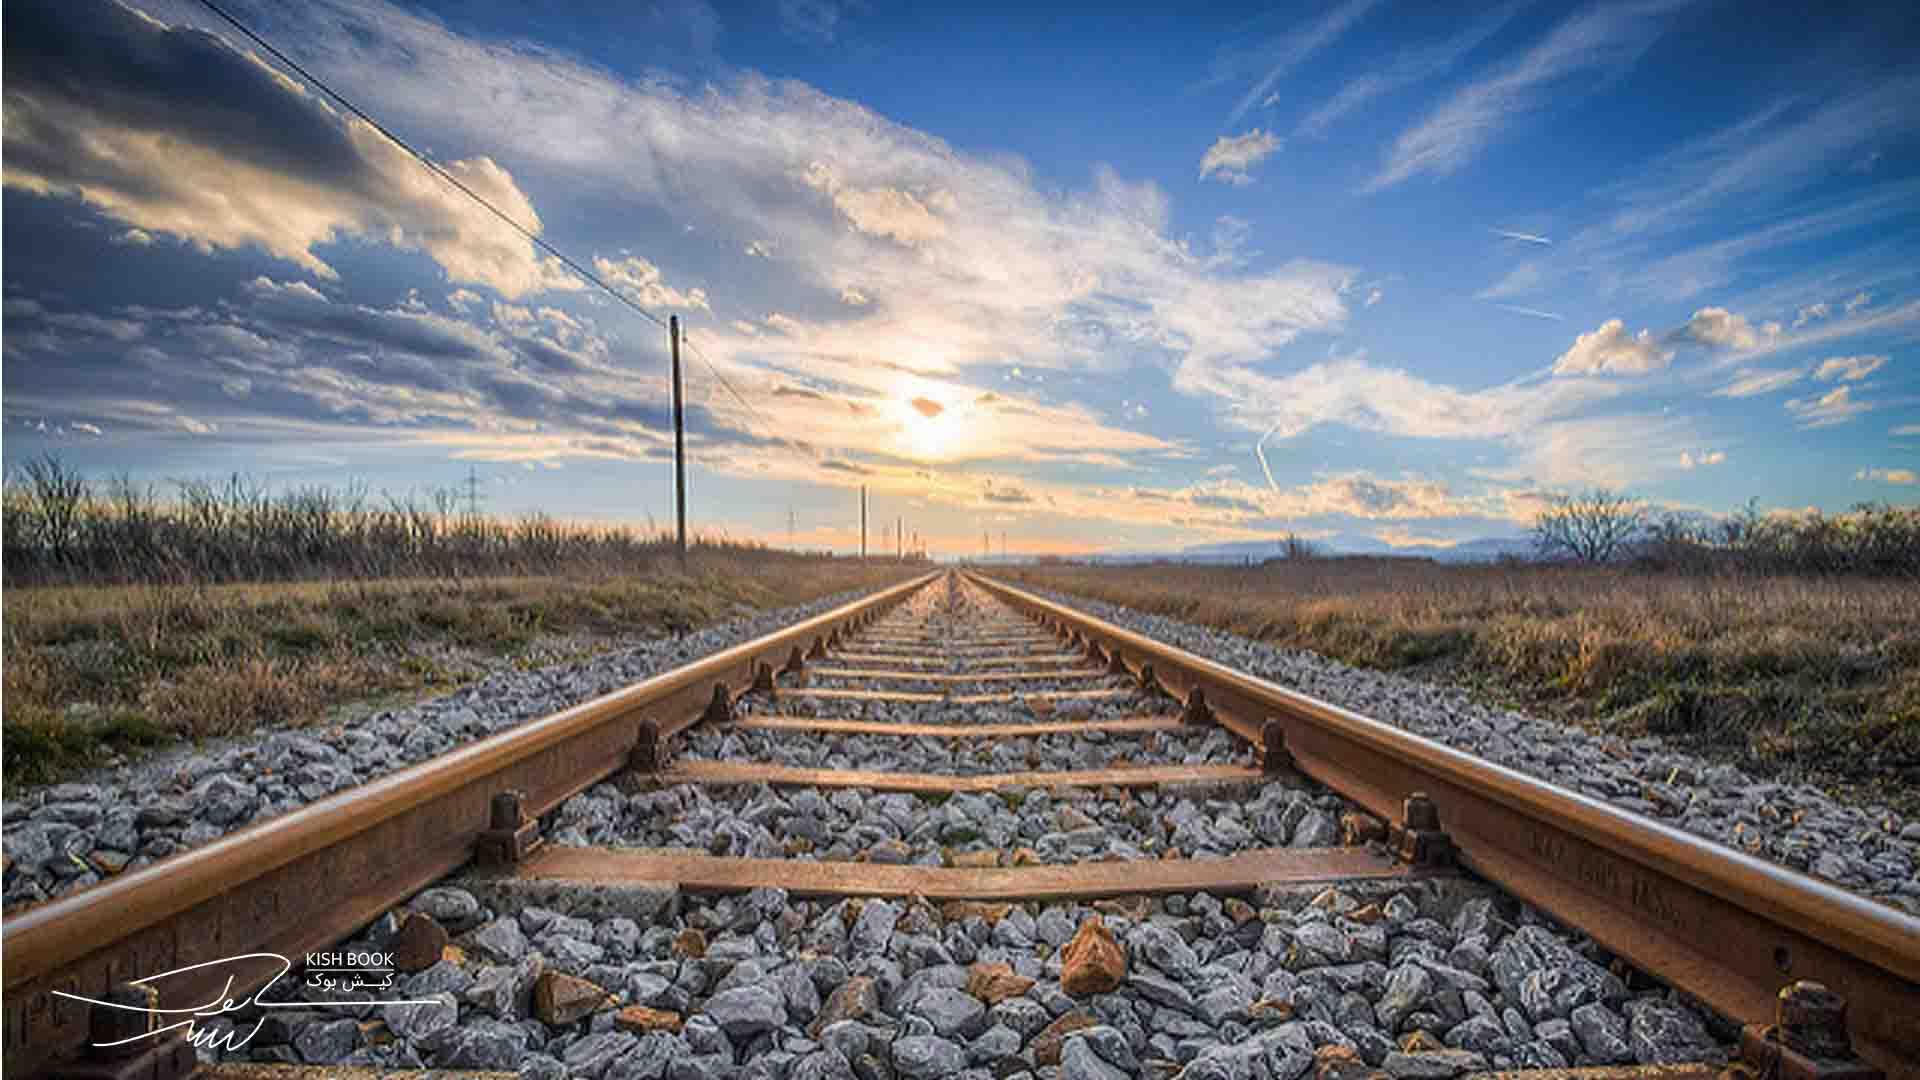 سفر با قطار از اصفهان به کیش